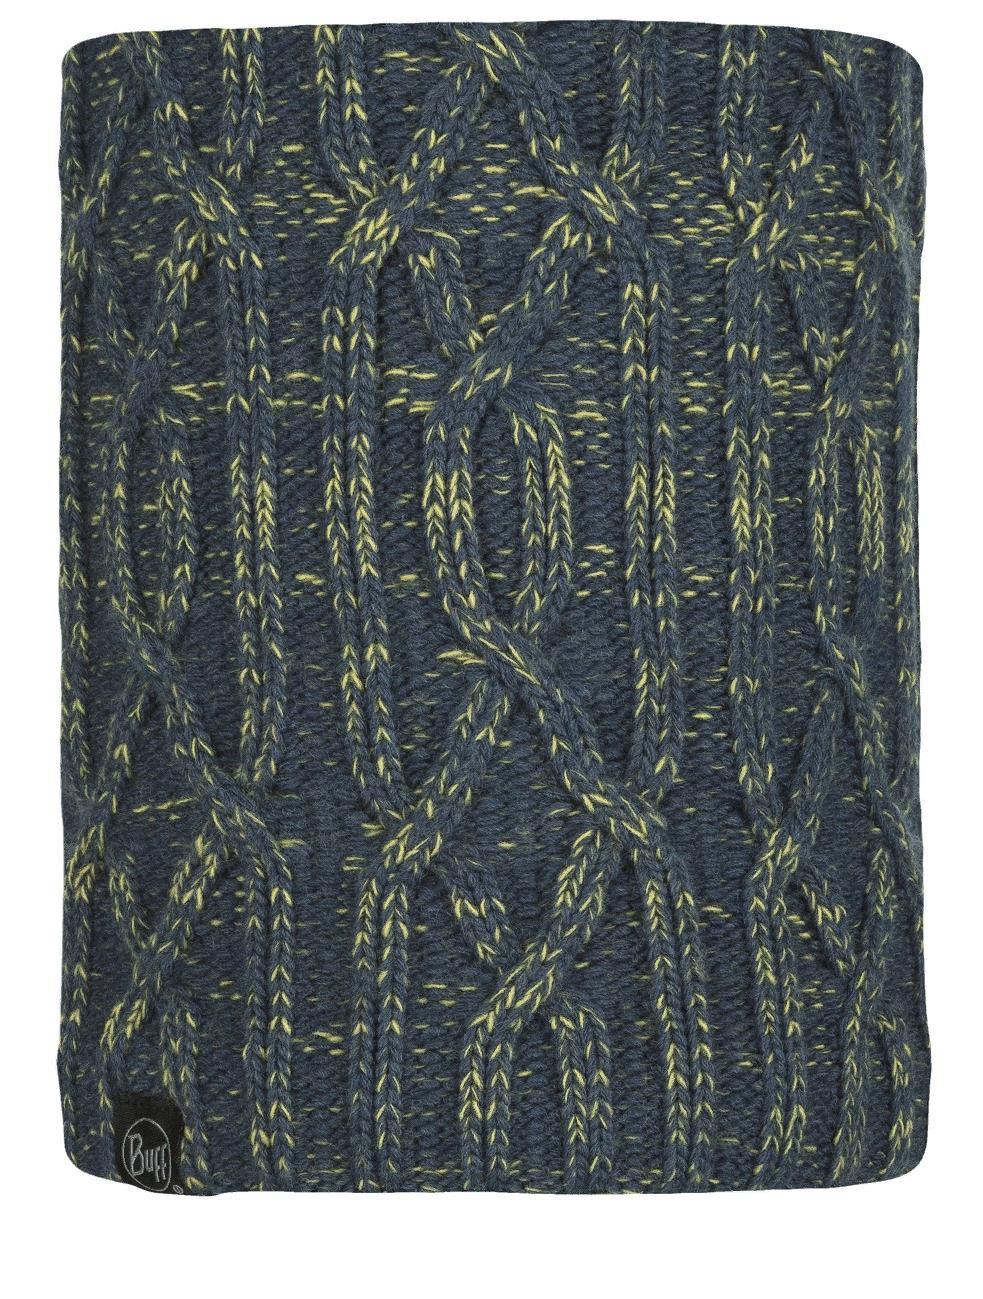 Шарф Buff Knitted & Polar Neckwarmer Idun Denim